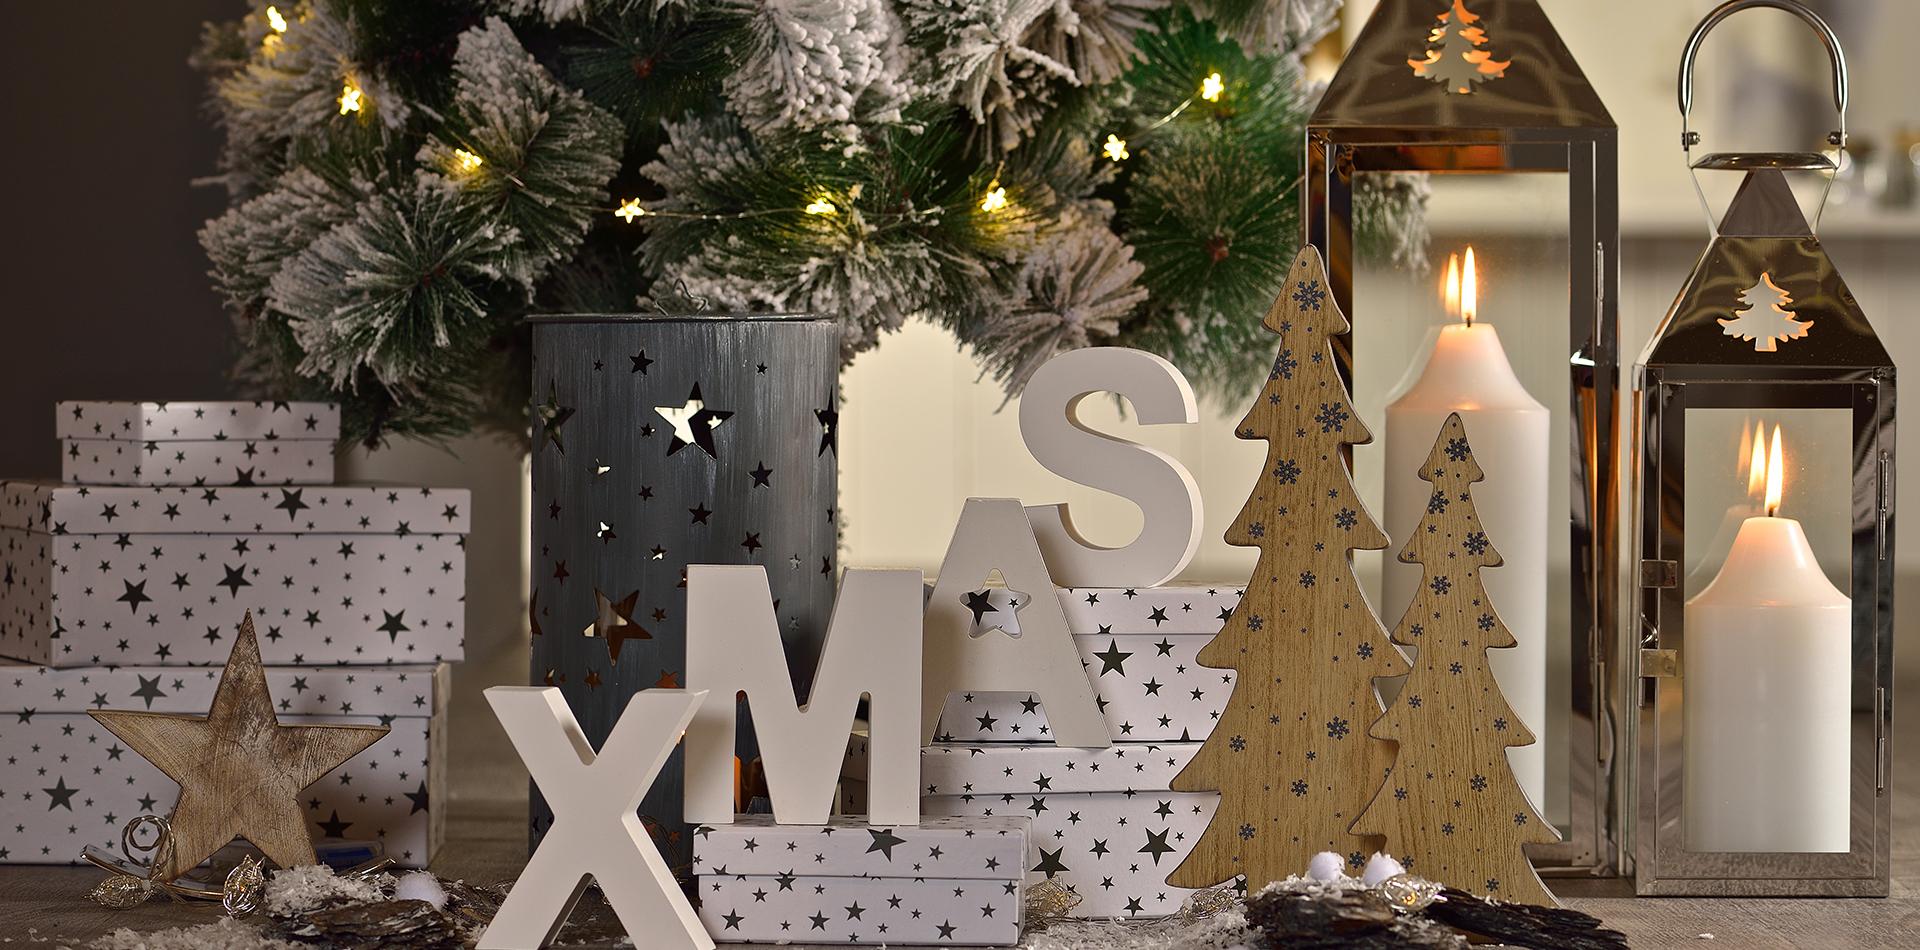 Schnell Und Einfach Lässt Sich Eine Ungezwungene Weihnachtsstimmung  Zaubern: Dezente Accessoires Bringen Ruhe Und Gelassenheit In Die Manchmal  So Hektische ...